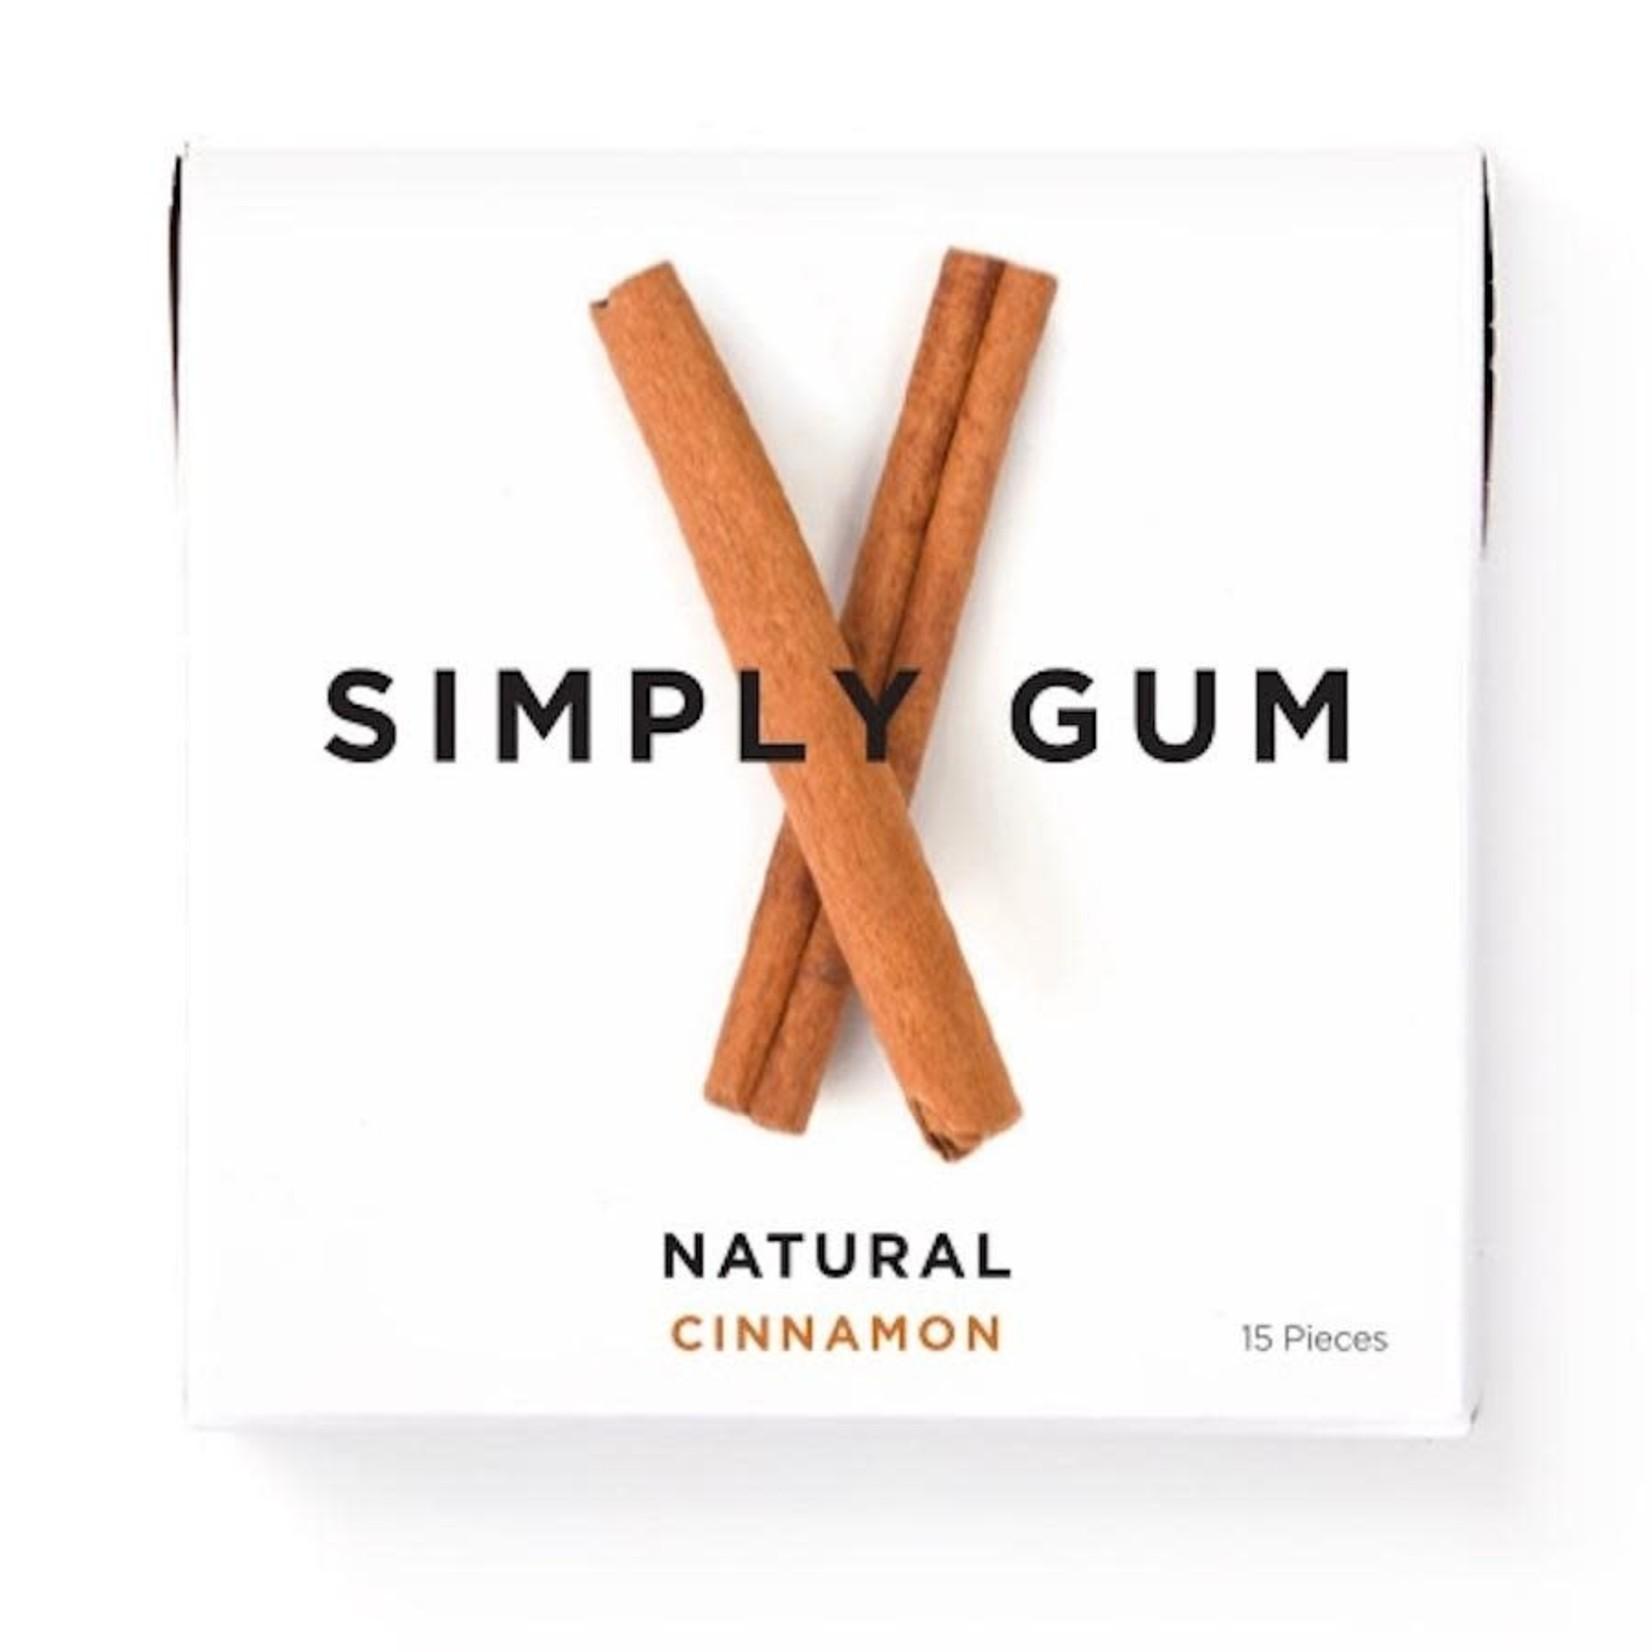 SIMPLY GUM CINNAMON GUM